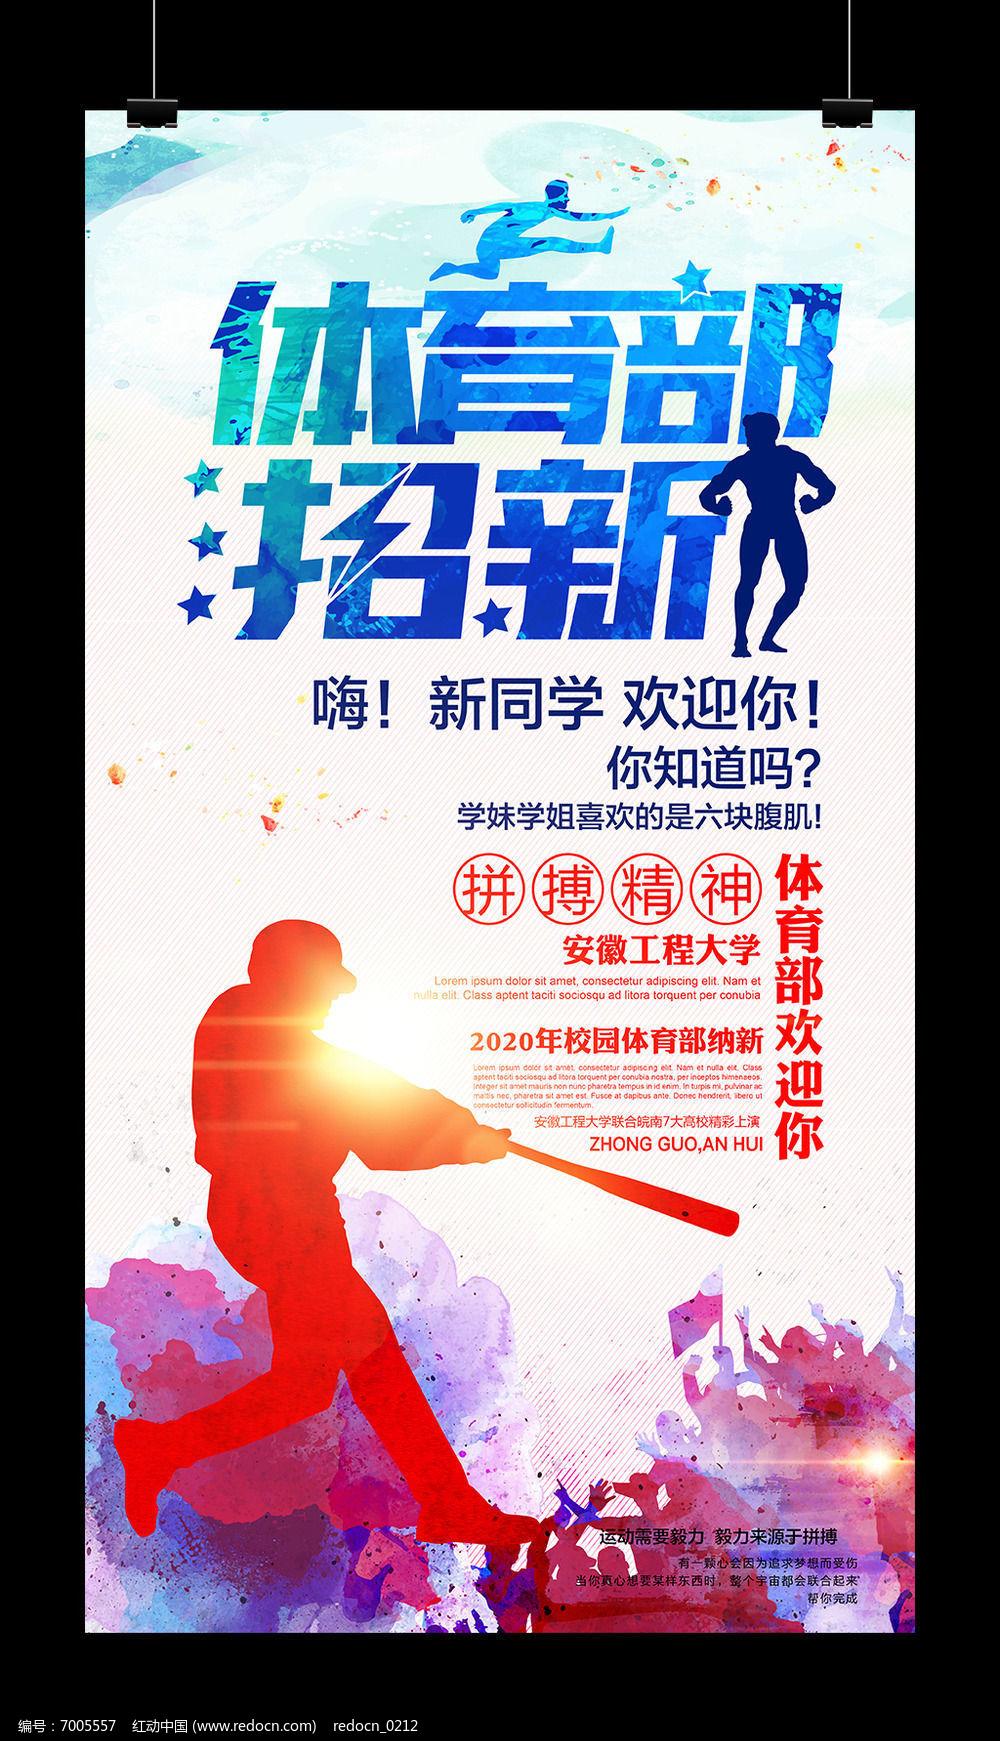 大学体育部学生会社团招新海报PSD素材下载 编号7005557 红动网图片